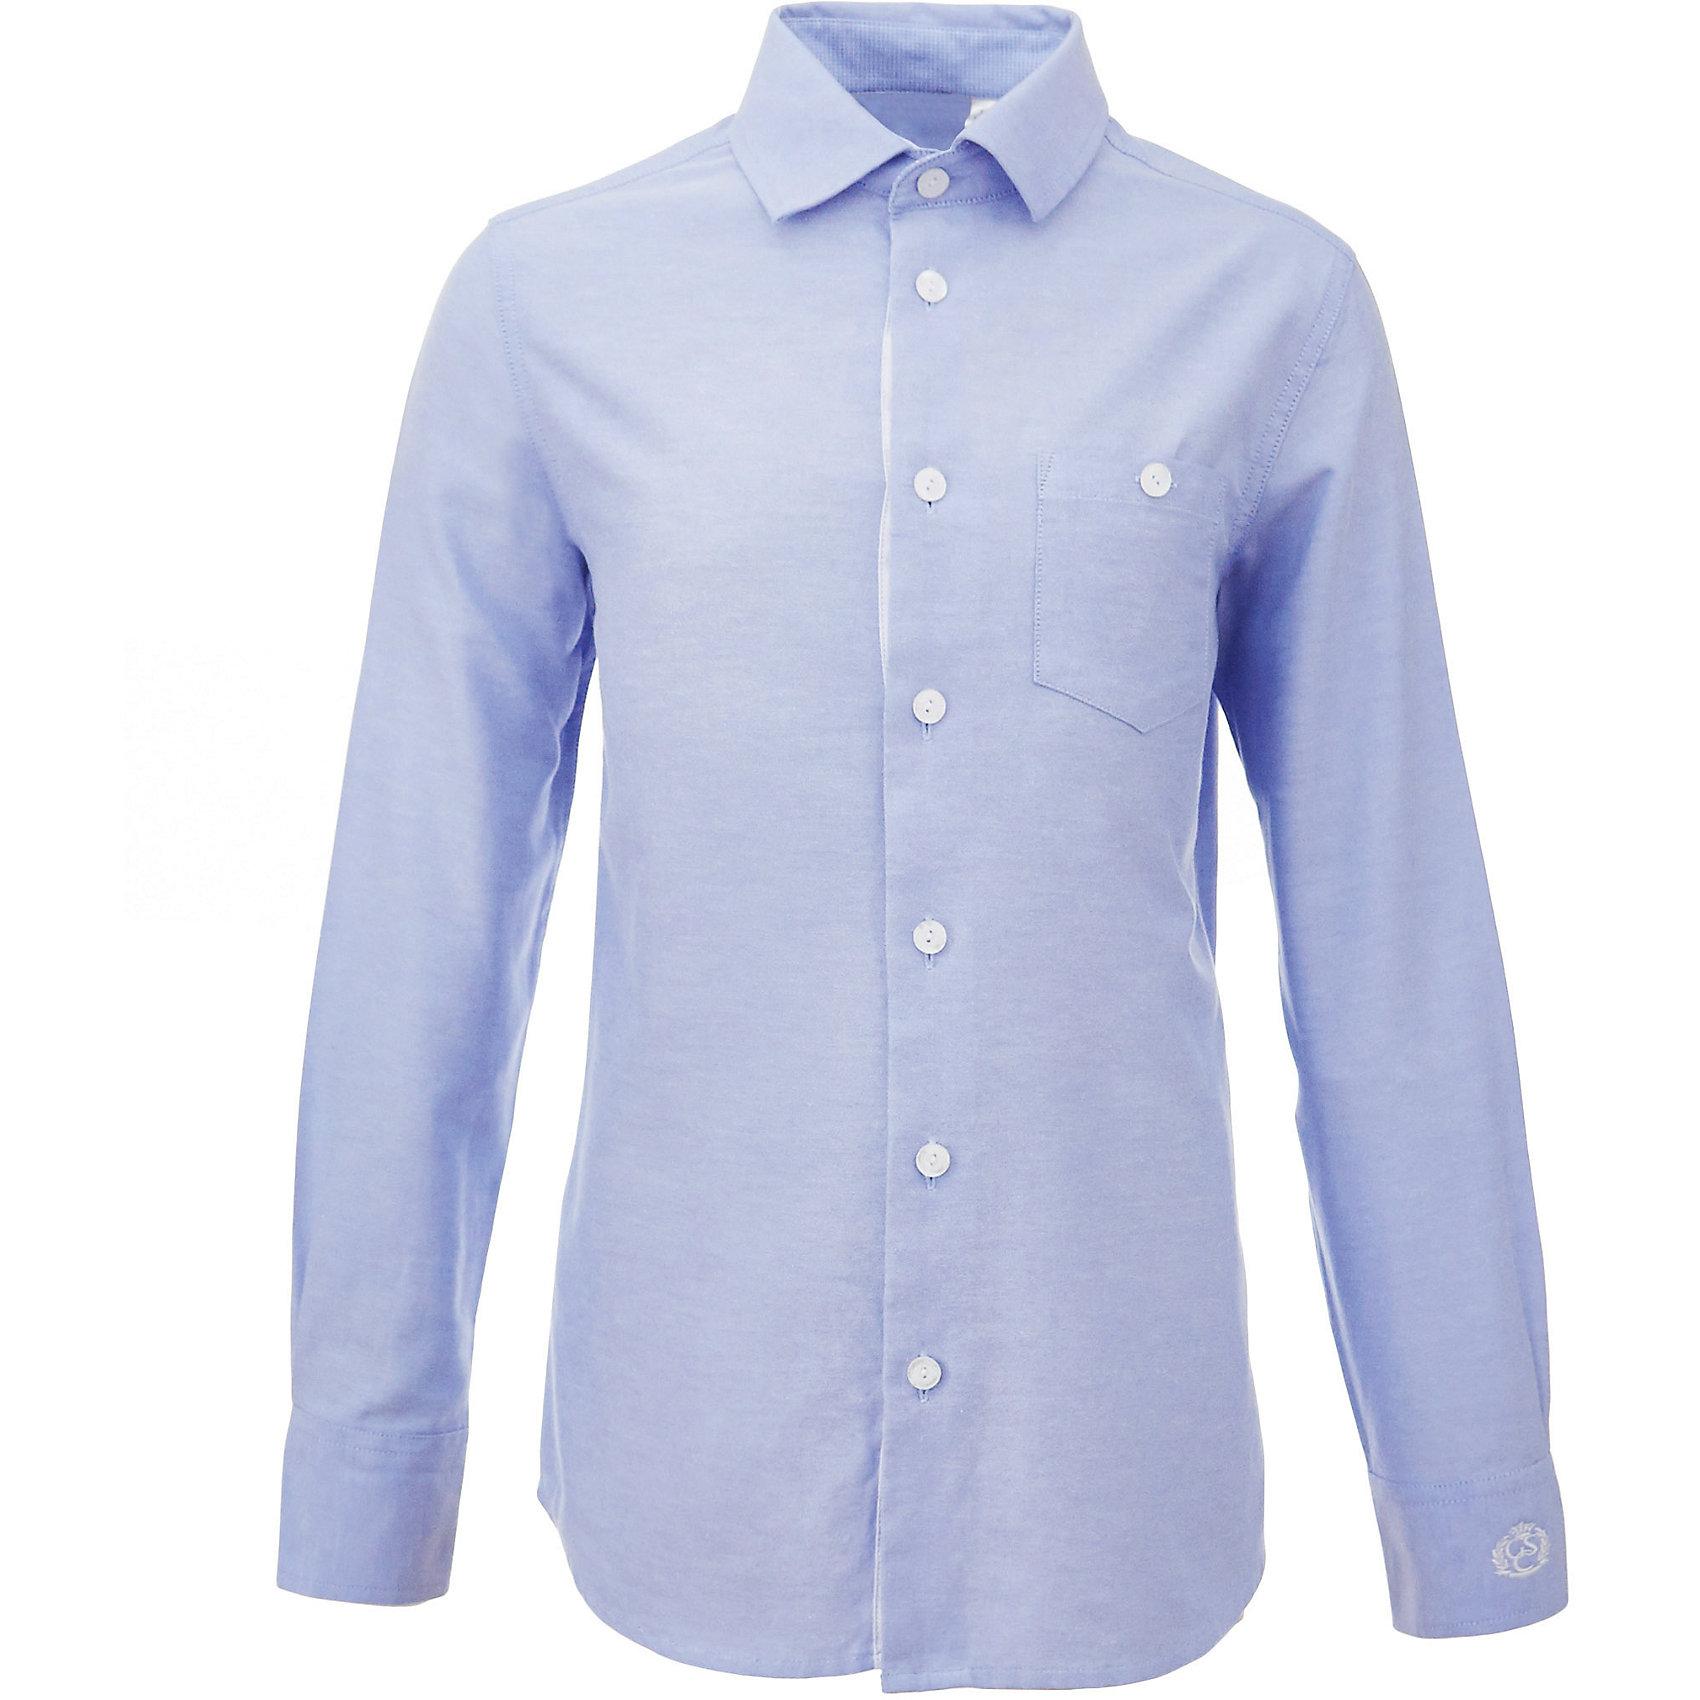 Рубашка для мальчика GulliverБлузки и рубашки<br>Характеристики товара:<br><br>• цвет: голубой<br>• состав: 80% хлопок, 20% полиэстер <br>• сезон: круглый год<br>• с длинным рукавом<br>• воротник-стойка<br>• застежки: пуговицы<br>• накладной карман на пуговице<br>• манжеты на трех пуговицах<br>• особенности: школьная, повседневная<br>• страна бренда: Российская Федерация<br>• страна производства: Российская Федерация<br><br>Школьная рубашка с длинным рукавом для мальчика. Голубая рубашка застегивается на пуговицы, манжеты рукавов на трех пуговицах. На груди накладной карман на пуговице.<br><br>Рубашку для мальчика Gulliver (Гулливер) можно купить в нашем интернет-магазине.<br><br>Ширина мм: 174<br>Глубина мм: 10<br>Высота мм: 169<br>Вес г: 157<br>Цвет: голубой<br>Возраст от месяцев: 72<br>Возраст до месяцев: 84<br>Пол: Мужской<br>Возраст: Детский<br>Размер: 122,170,128,134,140,146,152,158,164<br>SKU: 6678356